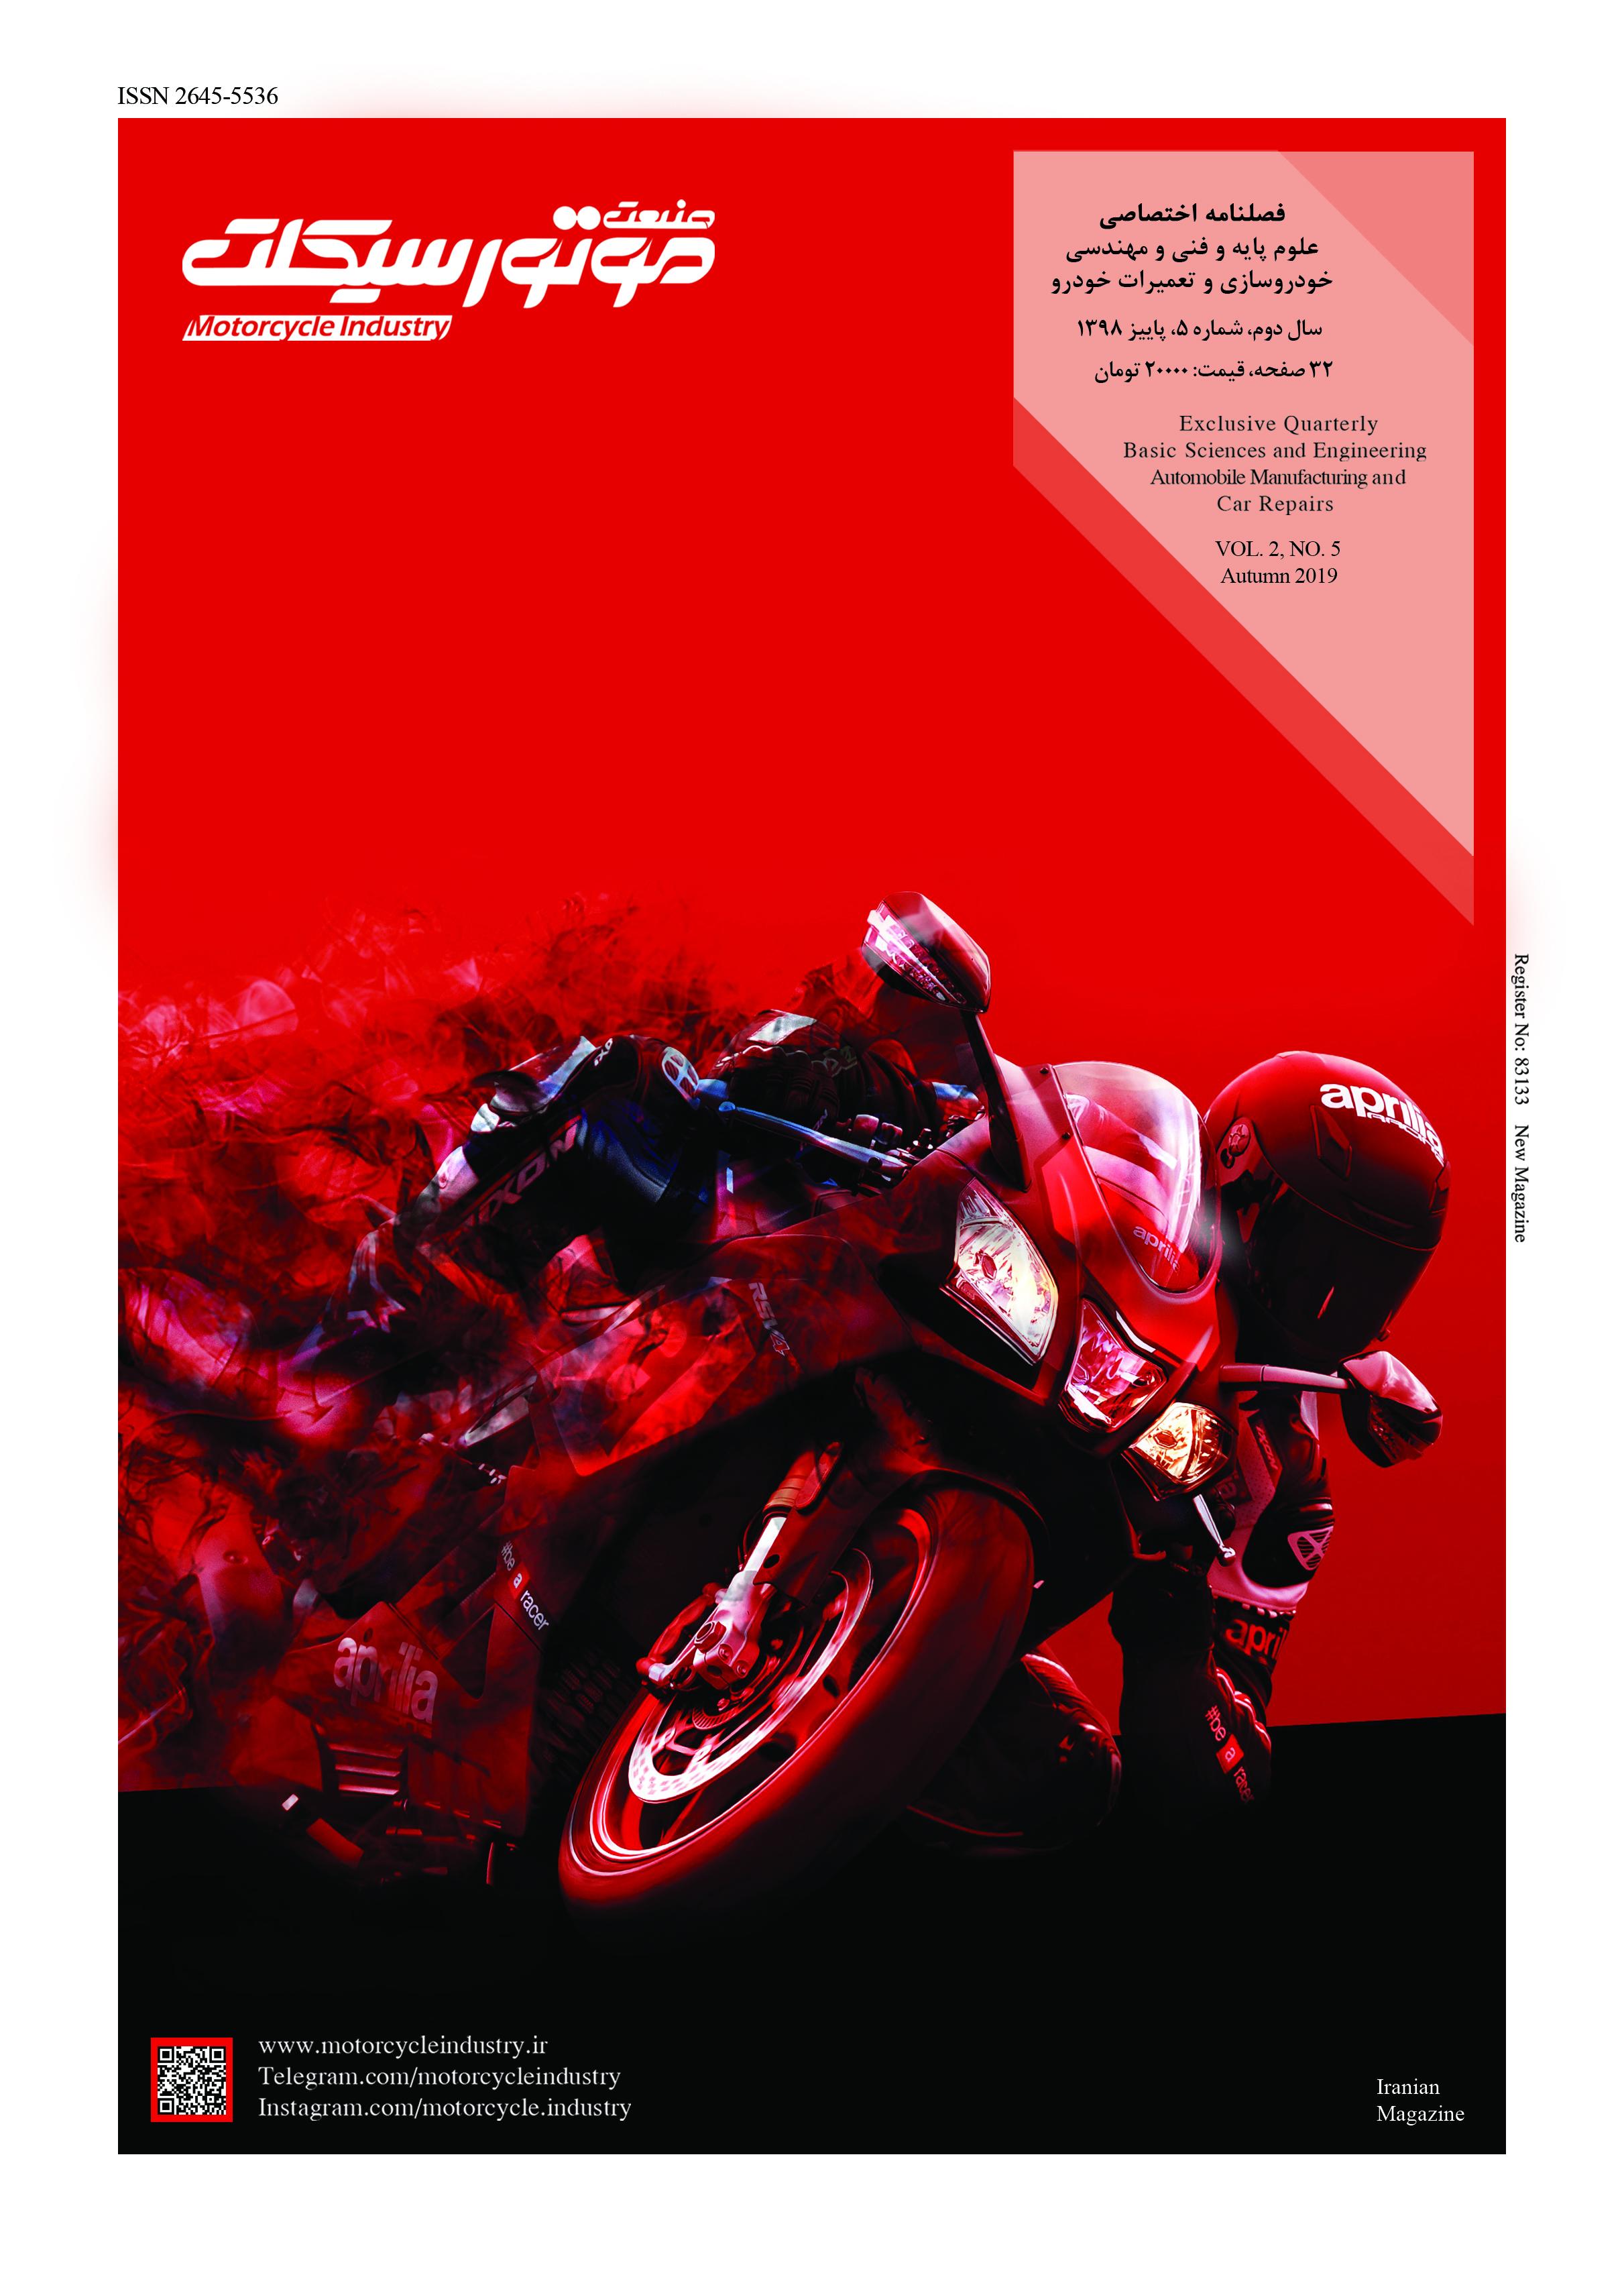 مجله صنعت موتورسیکلت، سال دوم، شماره ۵، پاییز ۱۳۹۸